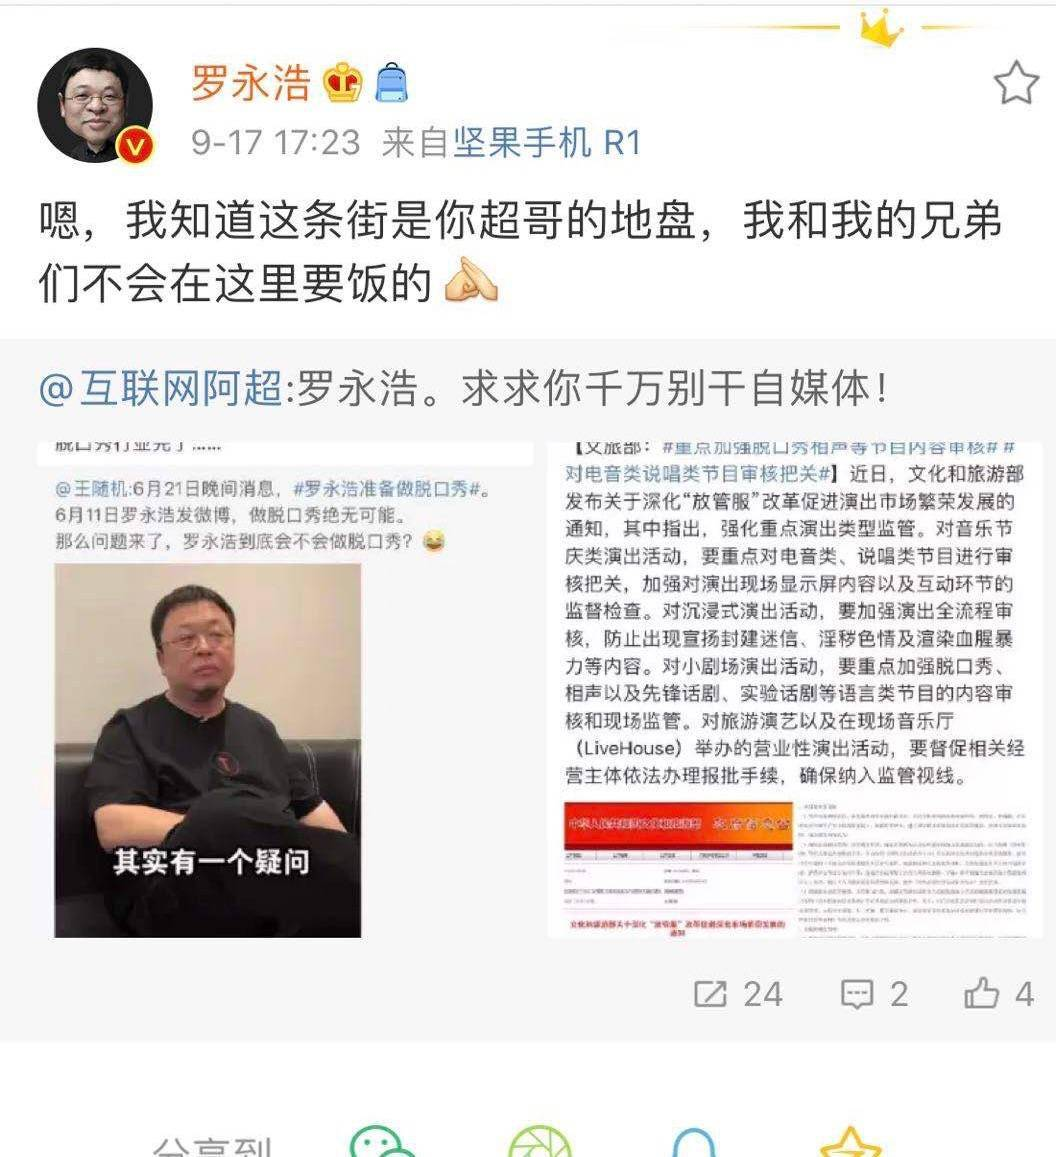 罗永浩:我和兄弟们是不会干自媒体的